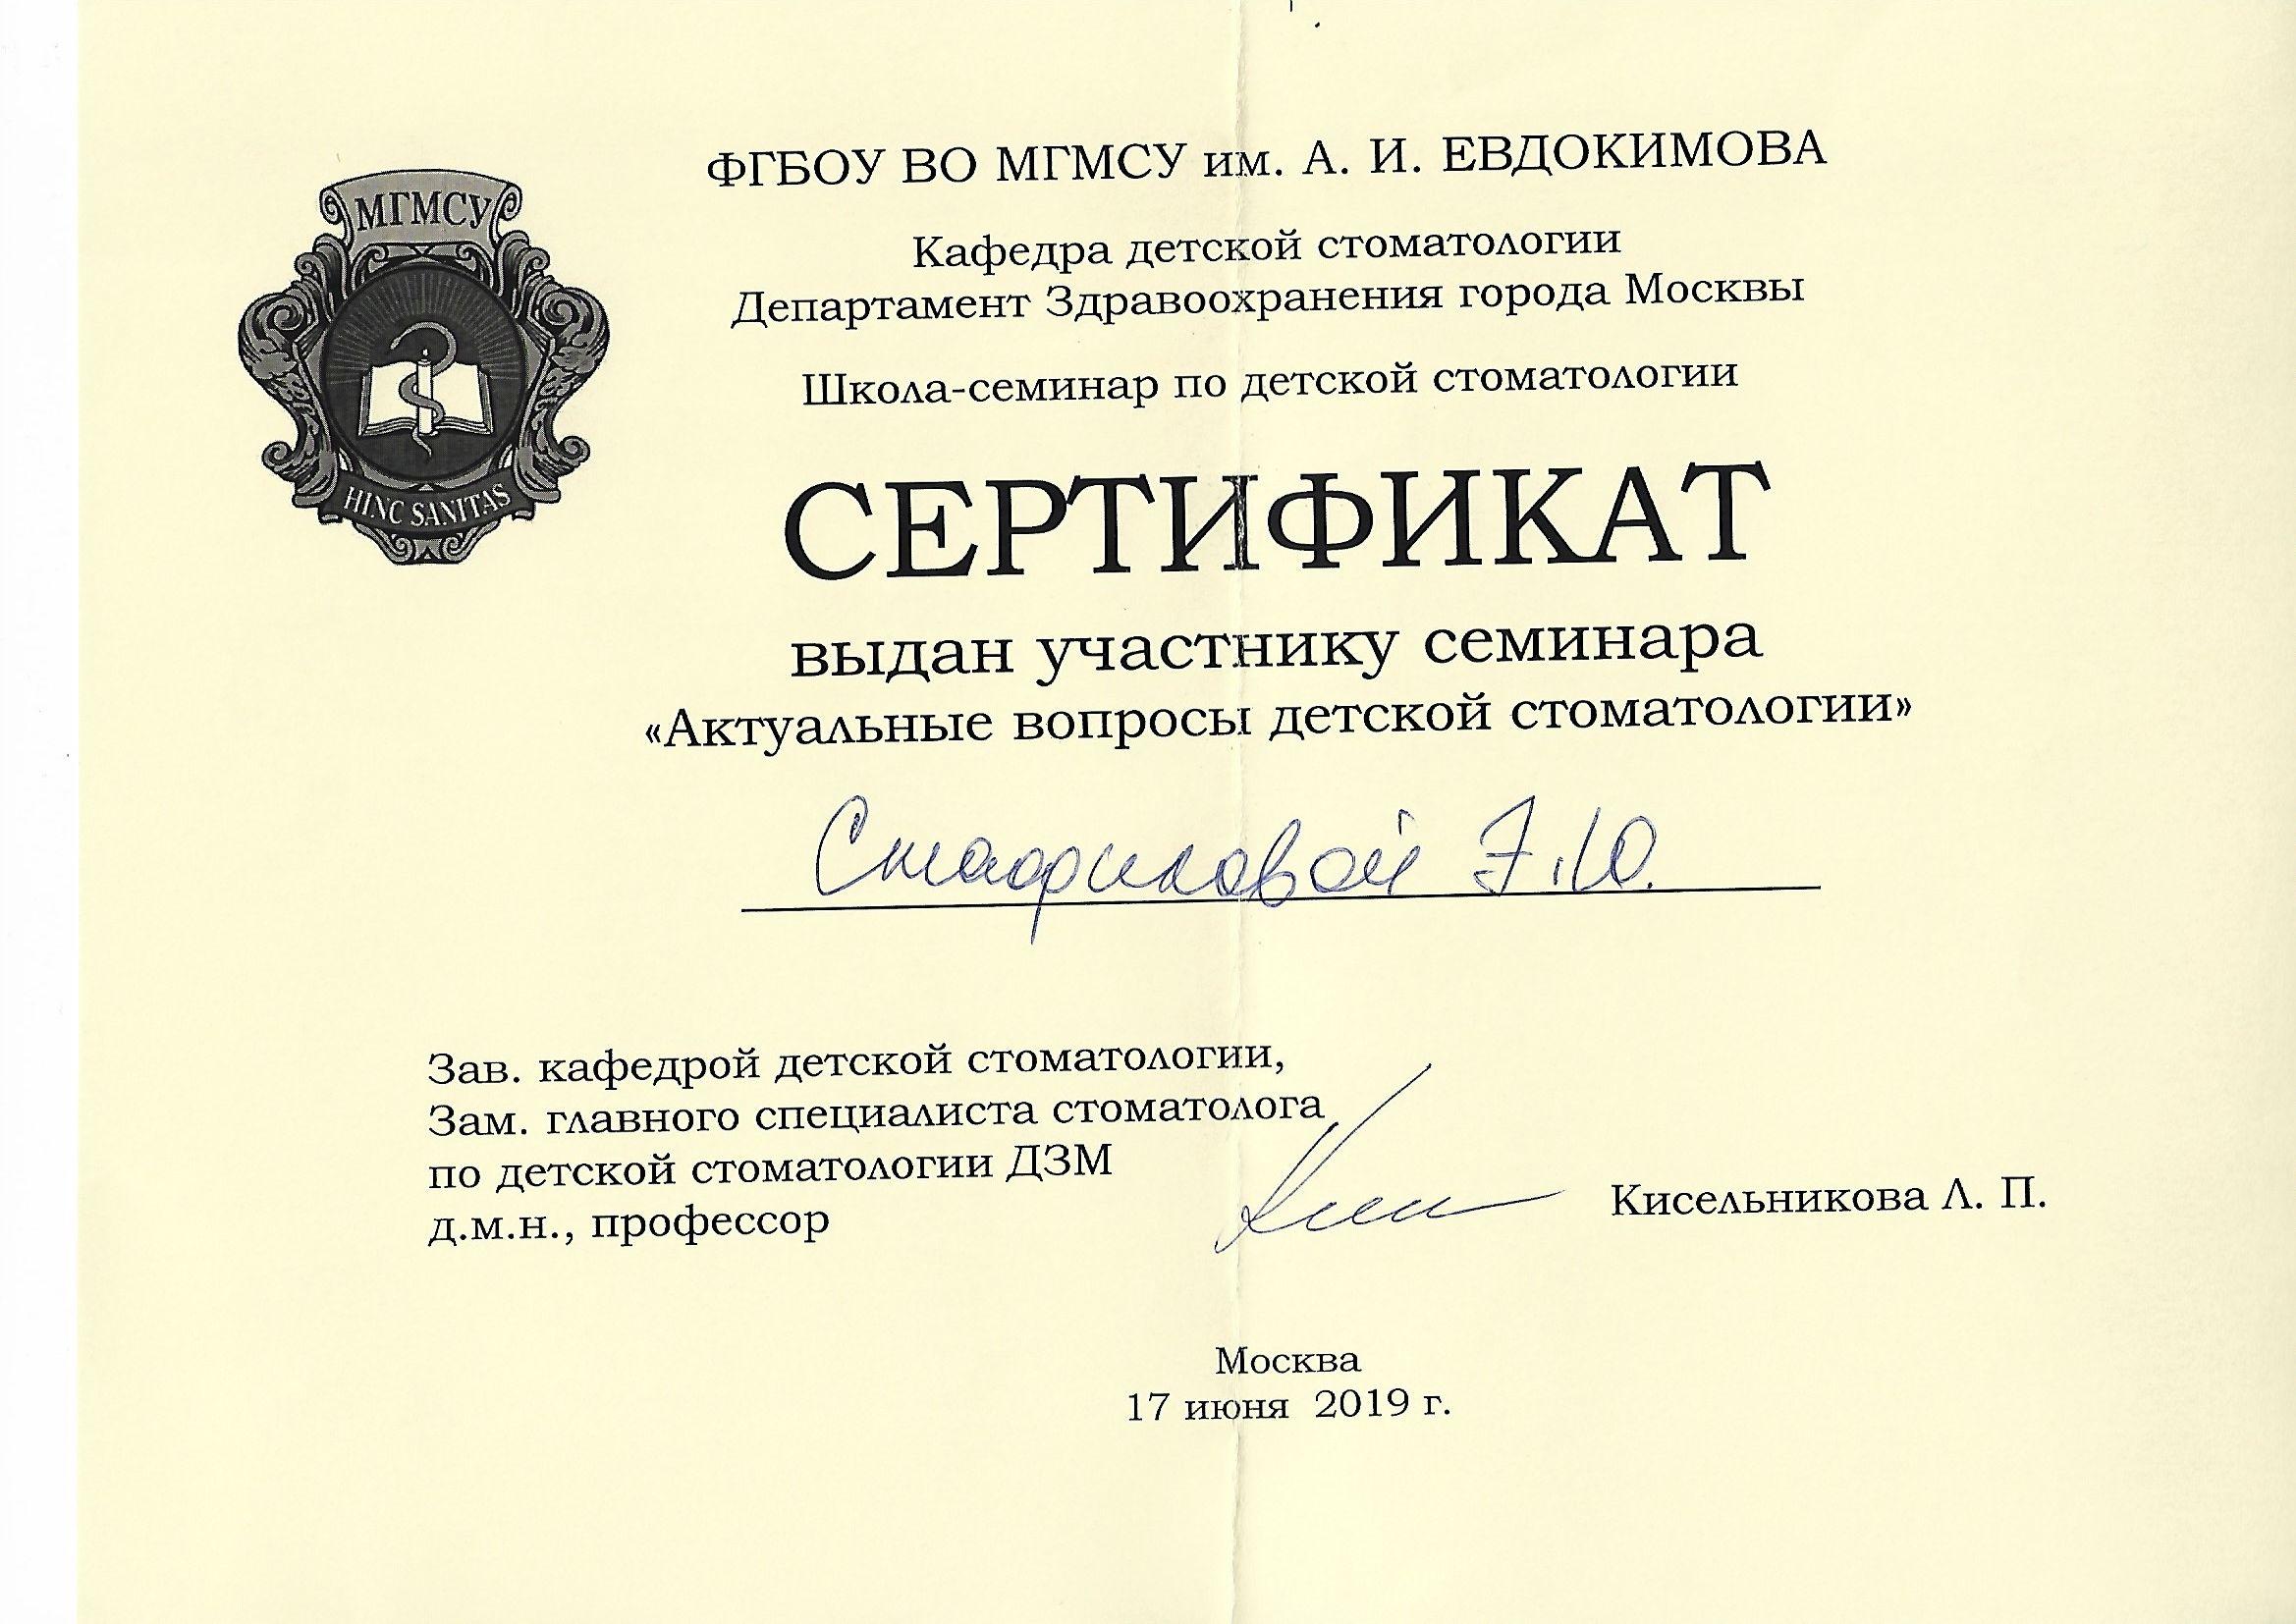 2019 Сертификат по семинару Кисельниковой Л.П. «Актуальные вопросы детской стоматологии»